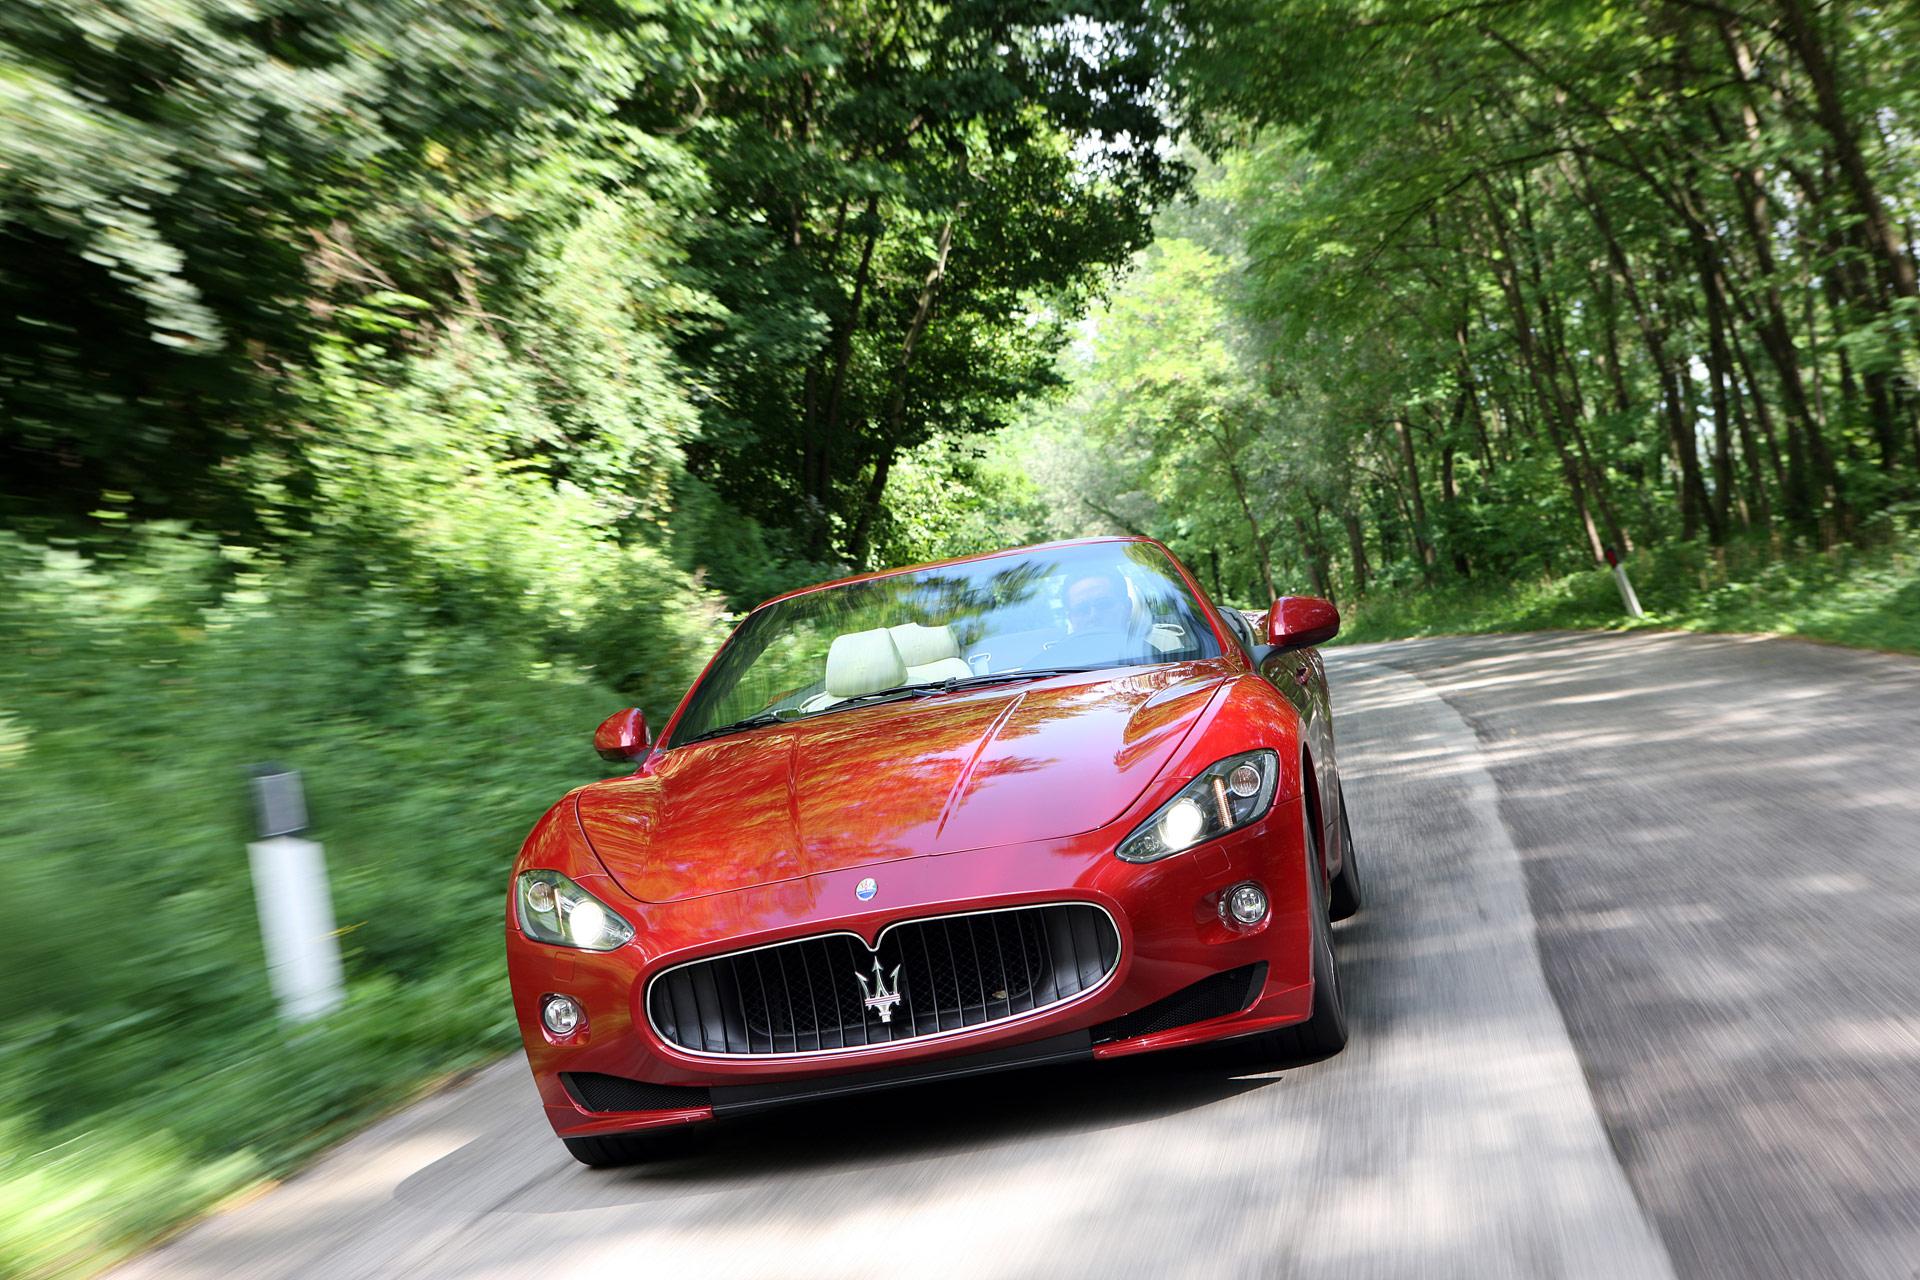 2013-Maserati-GranCabrio-Sport-Image-017